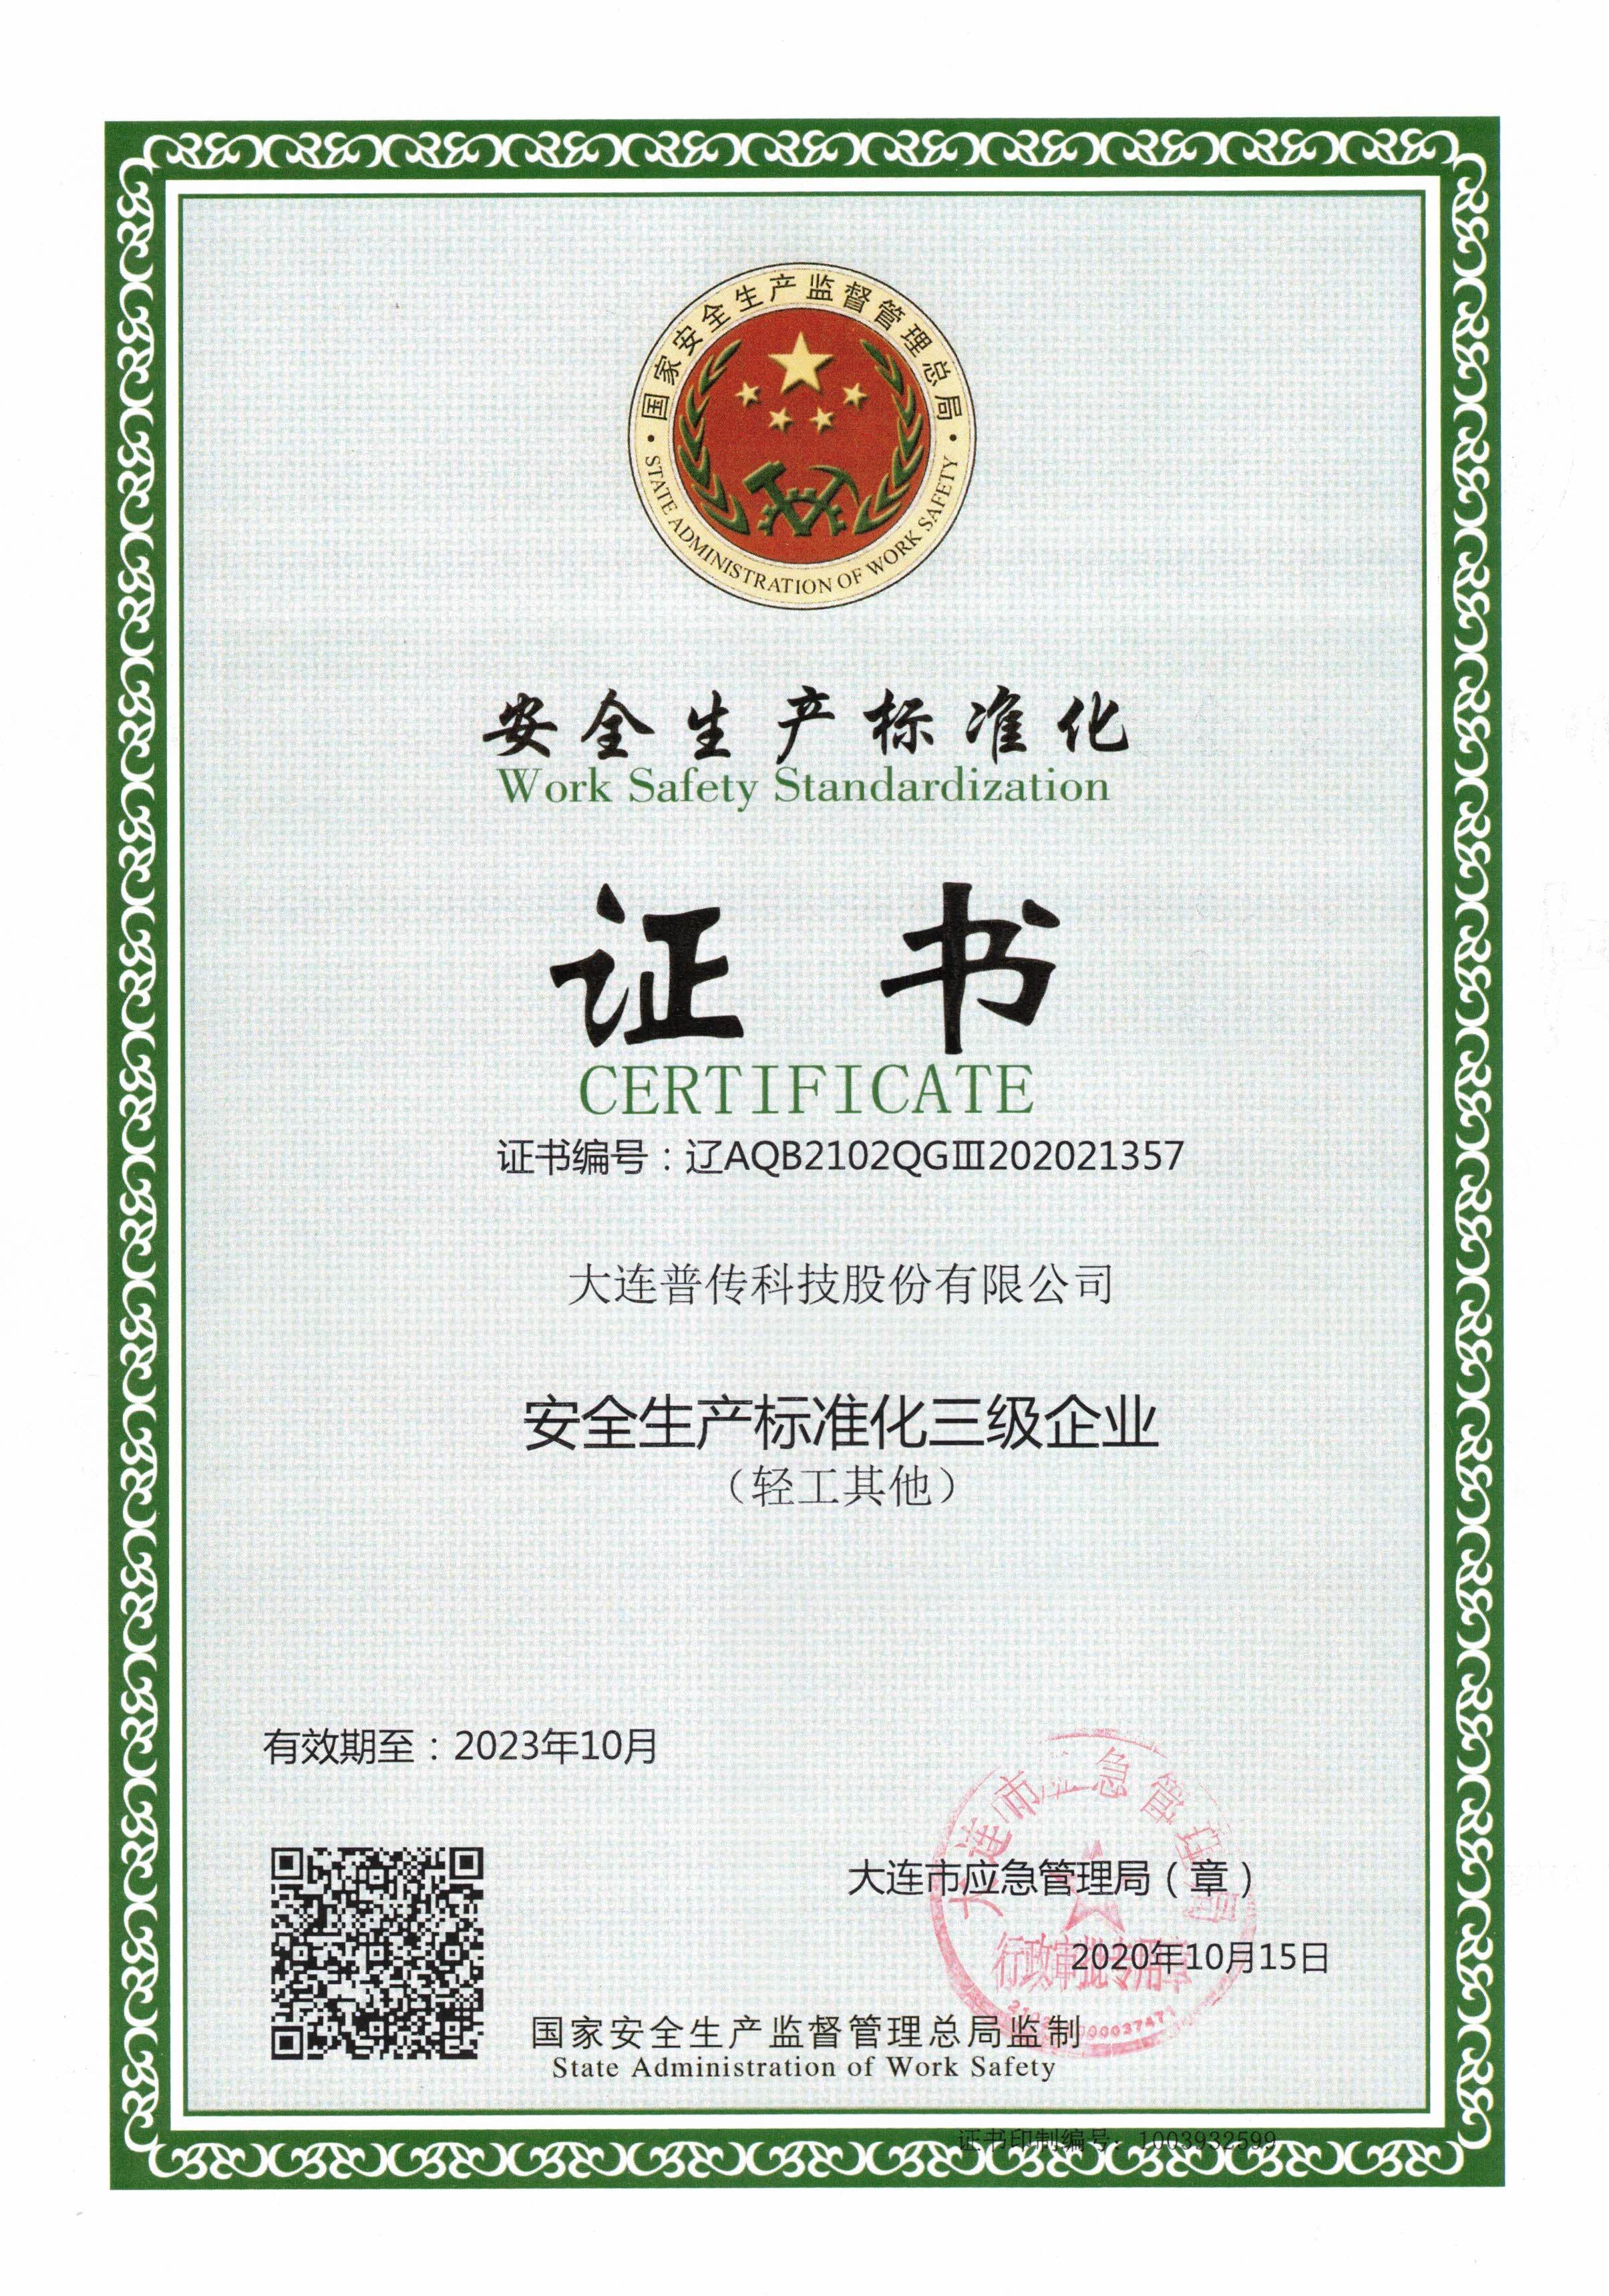 """普传科技获得""""安全生产标准化三级企业""""证书"""